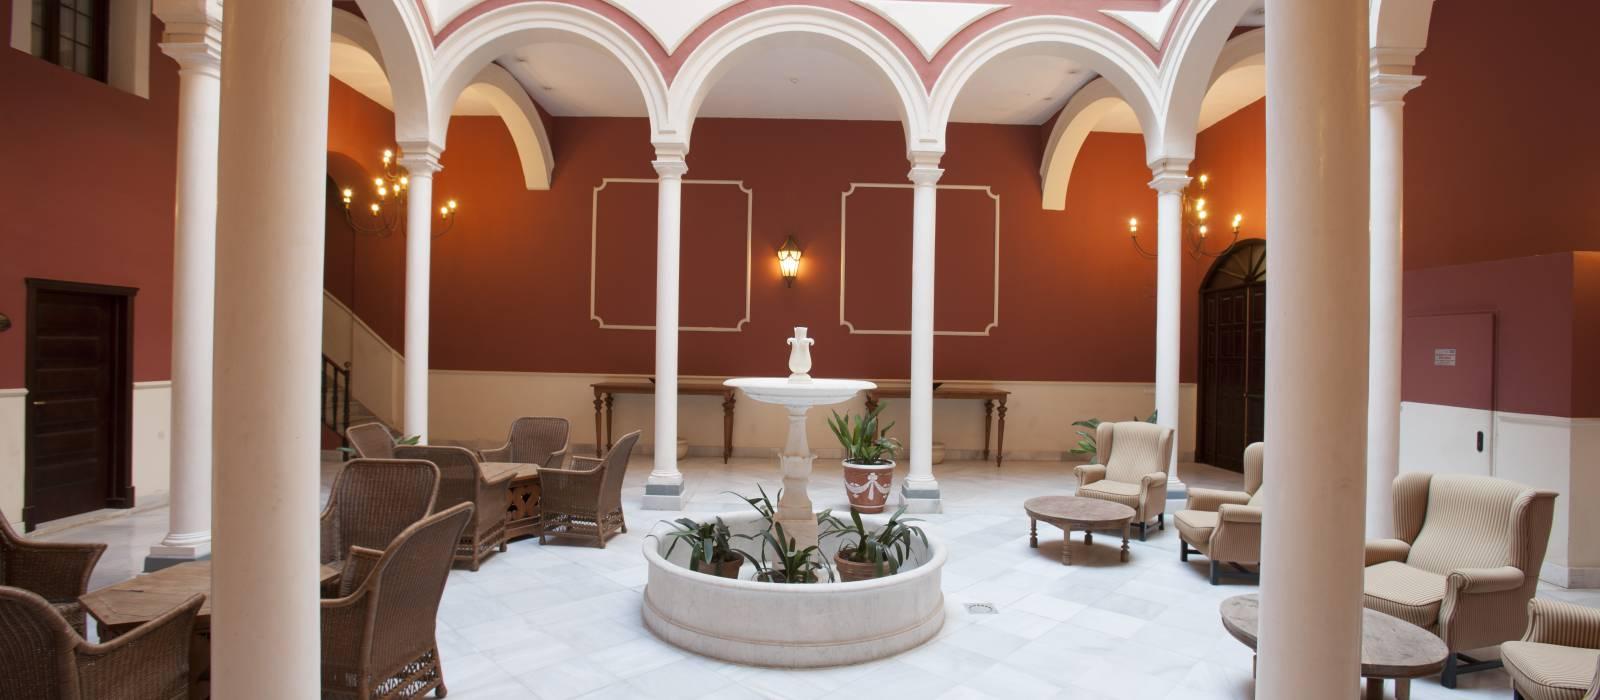 Offres Hôtel Vincci Sevilla La Rabida - Réservez maintenant! -10%